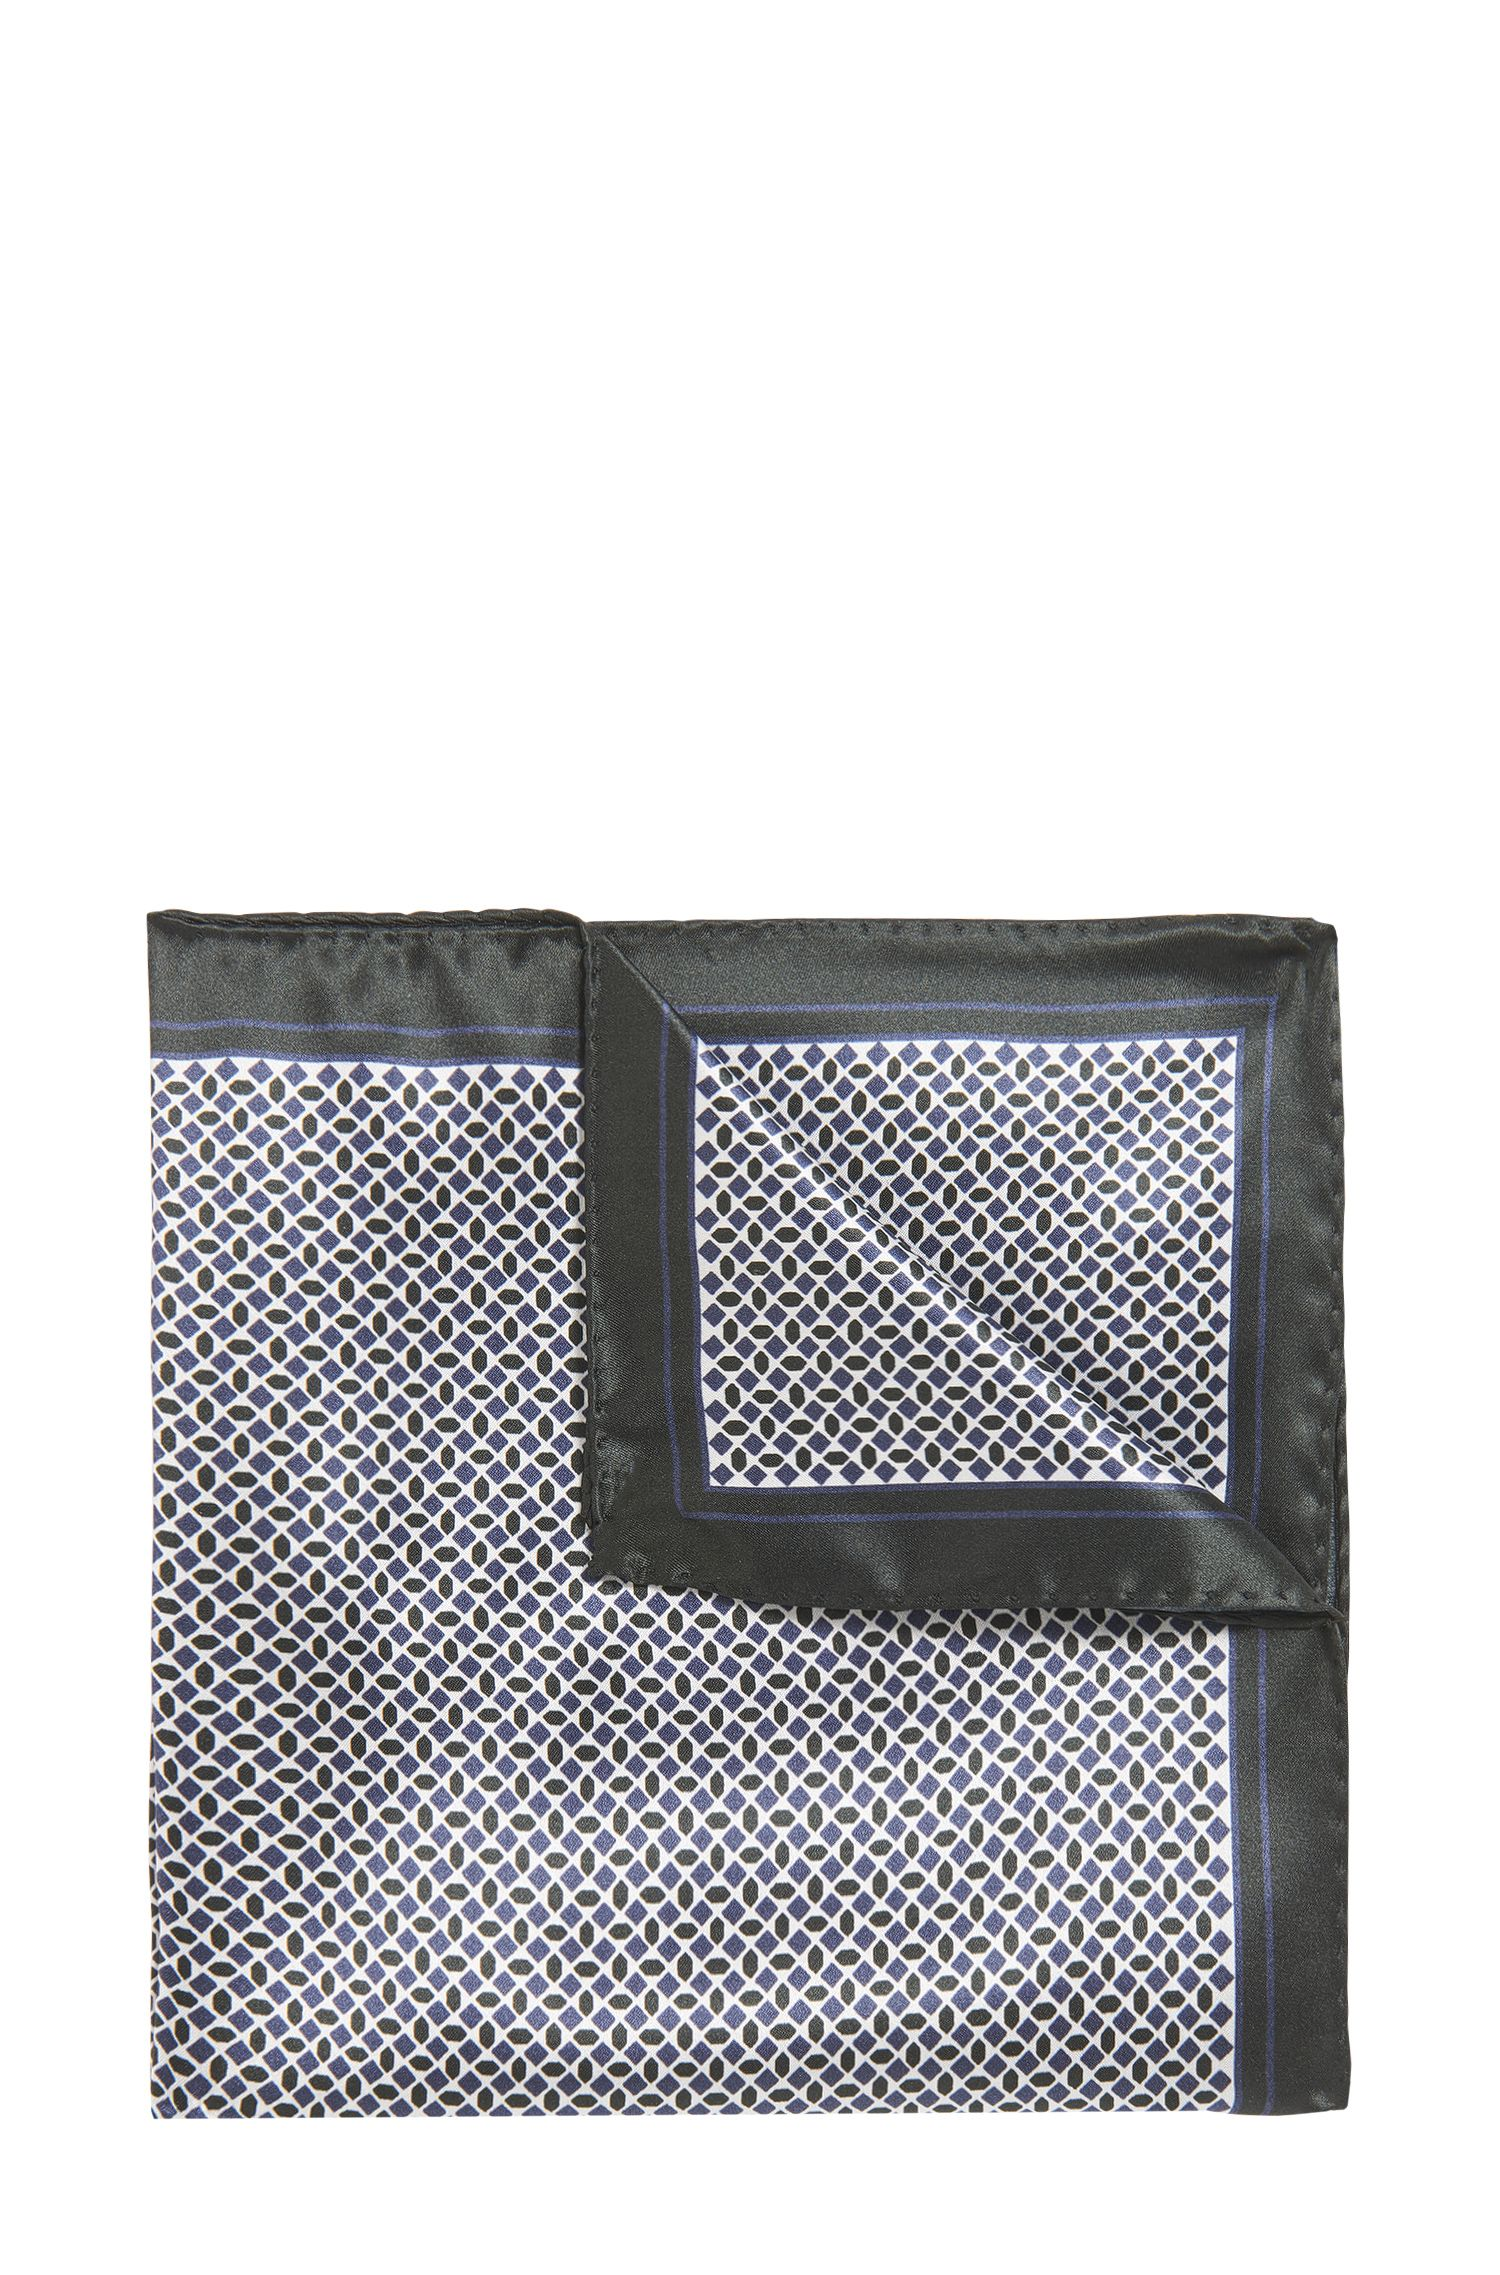 Pochette en soie imprimée avec bords et ourlets roulés